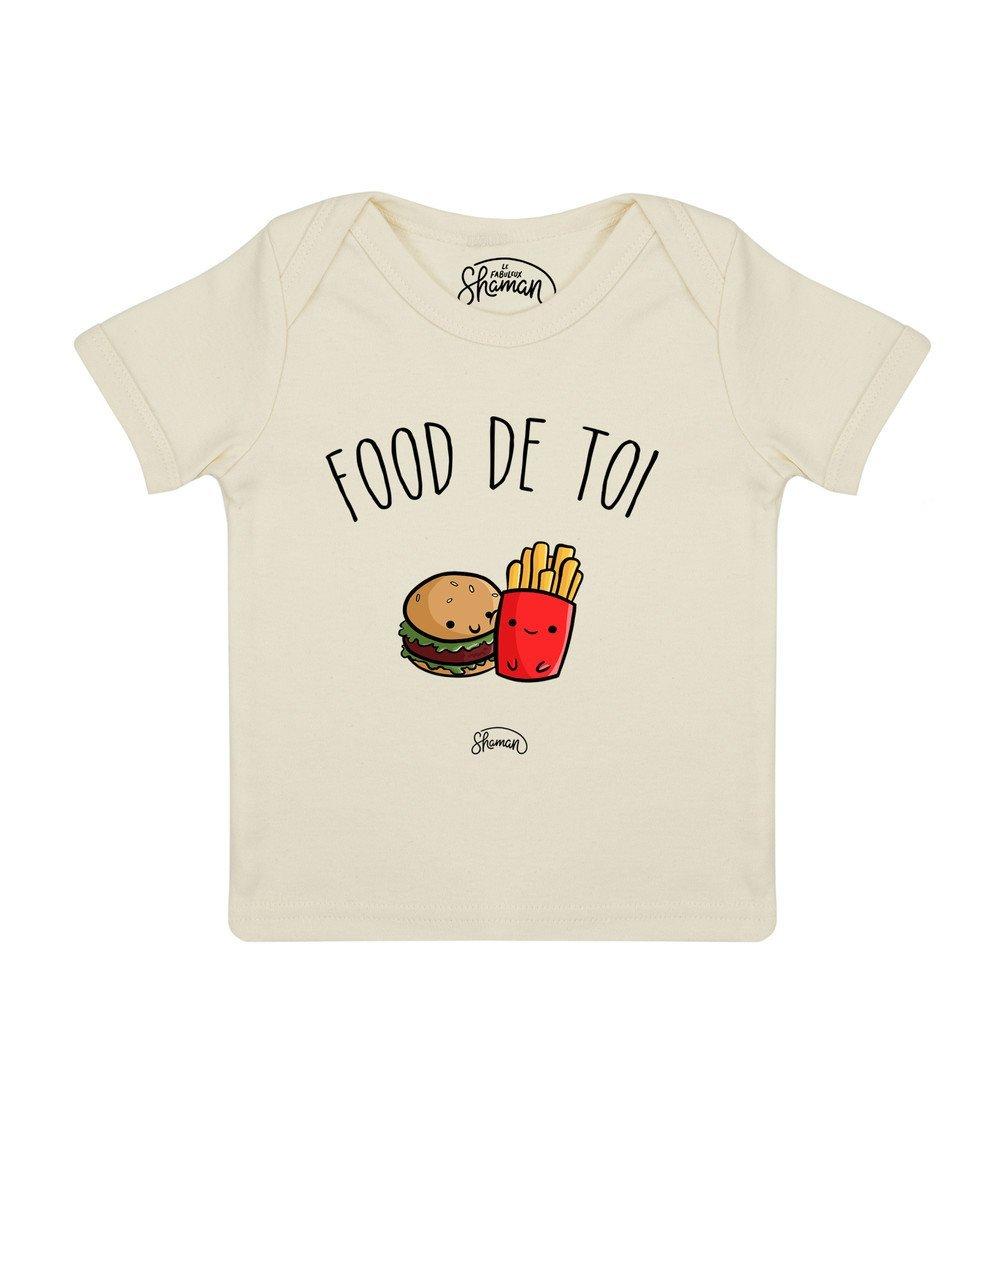 Tee shirt Food de toi